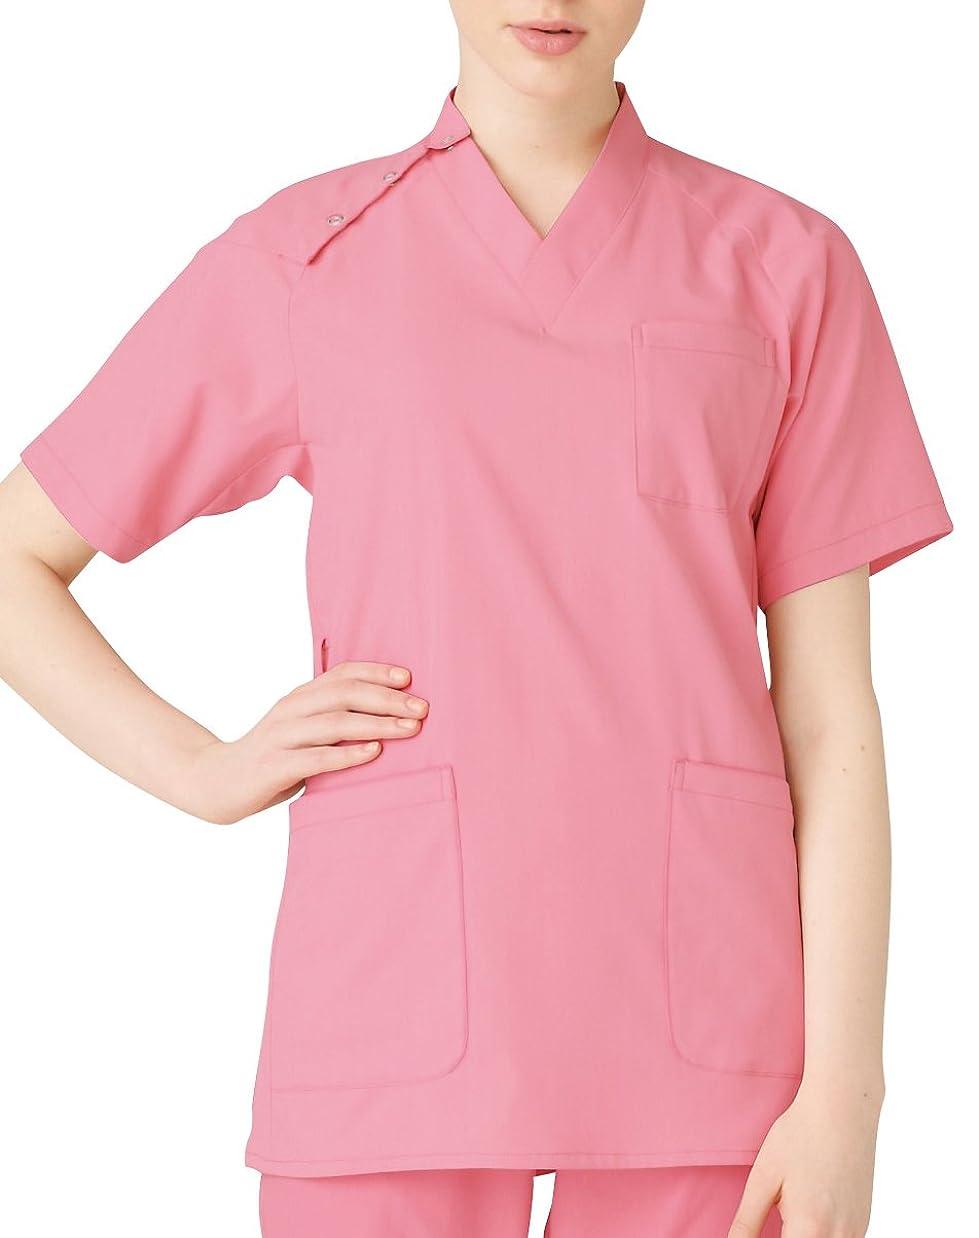 リスト履歴書予測子医療/介護ユニフォーム Vネックスクラブ 男女兼用 ルコック ピンク サイズ:LL UQM1522-90